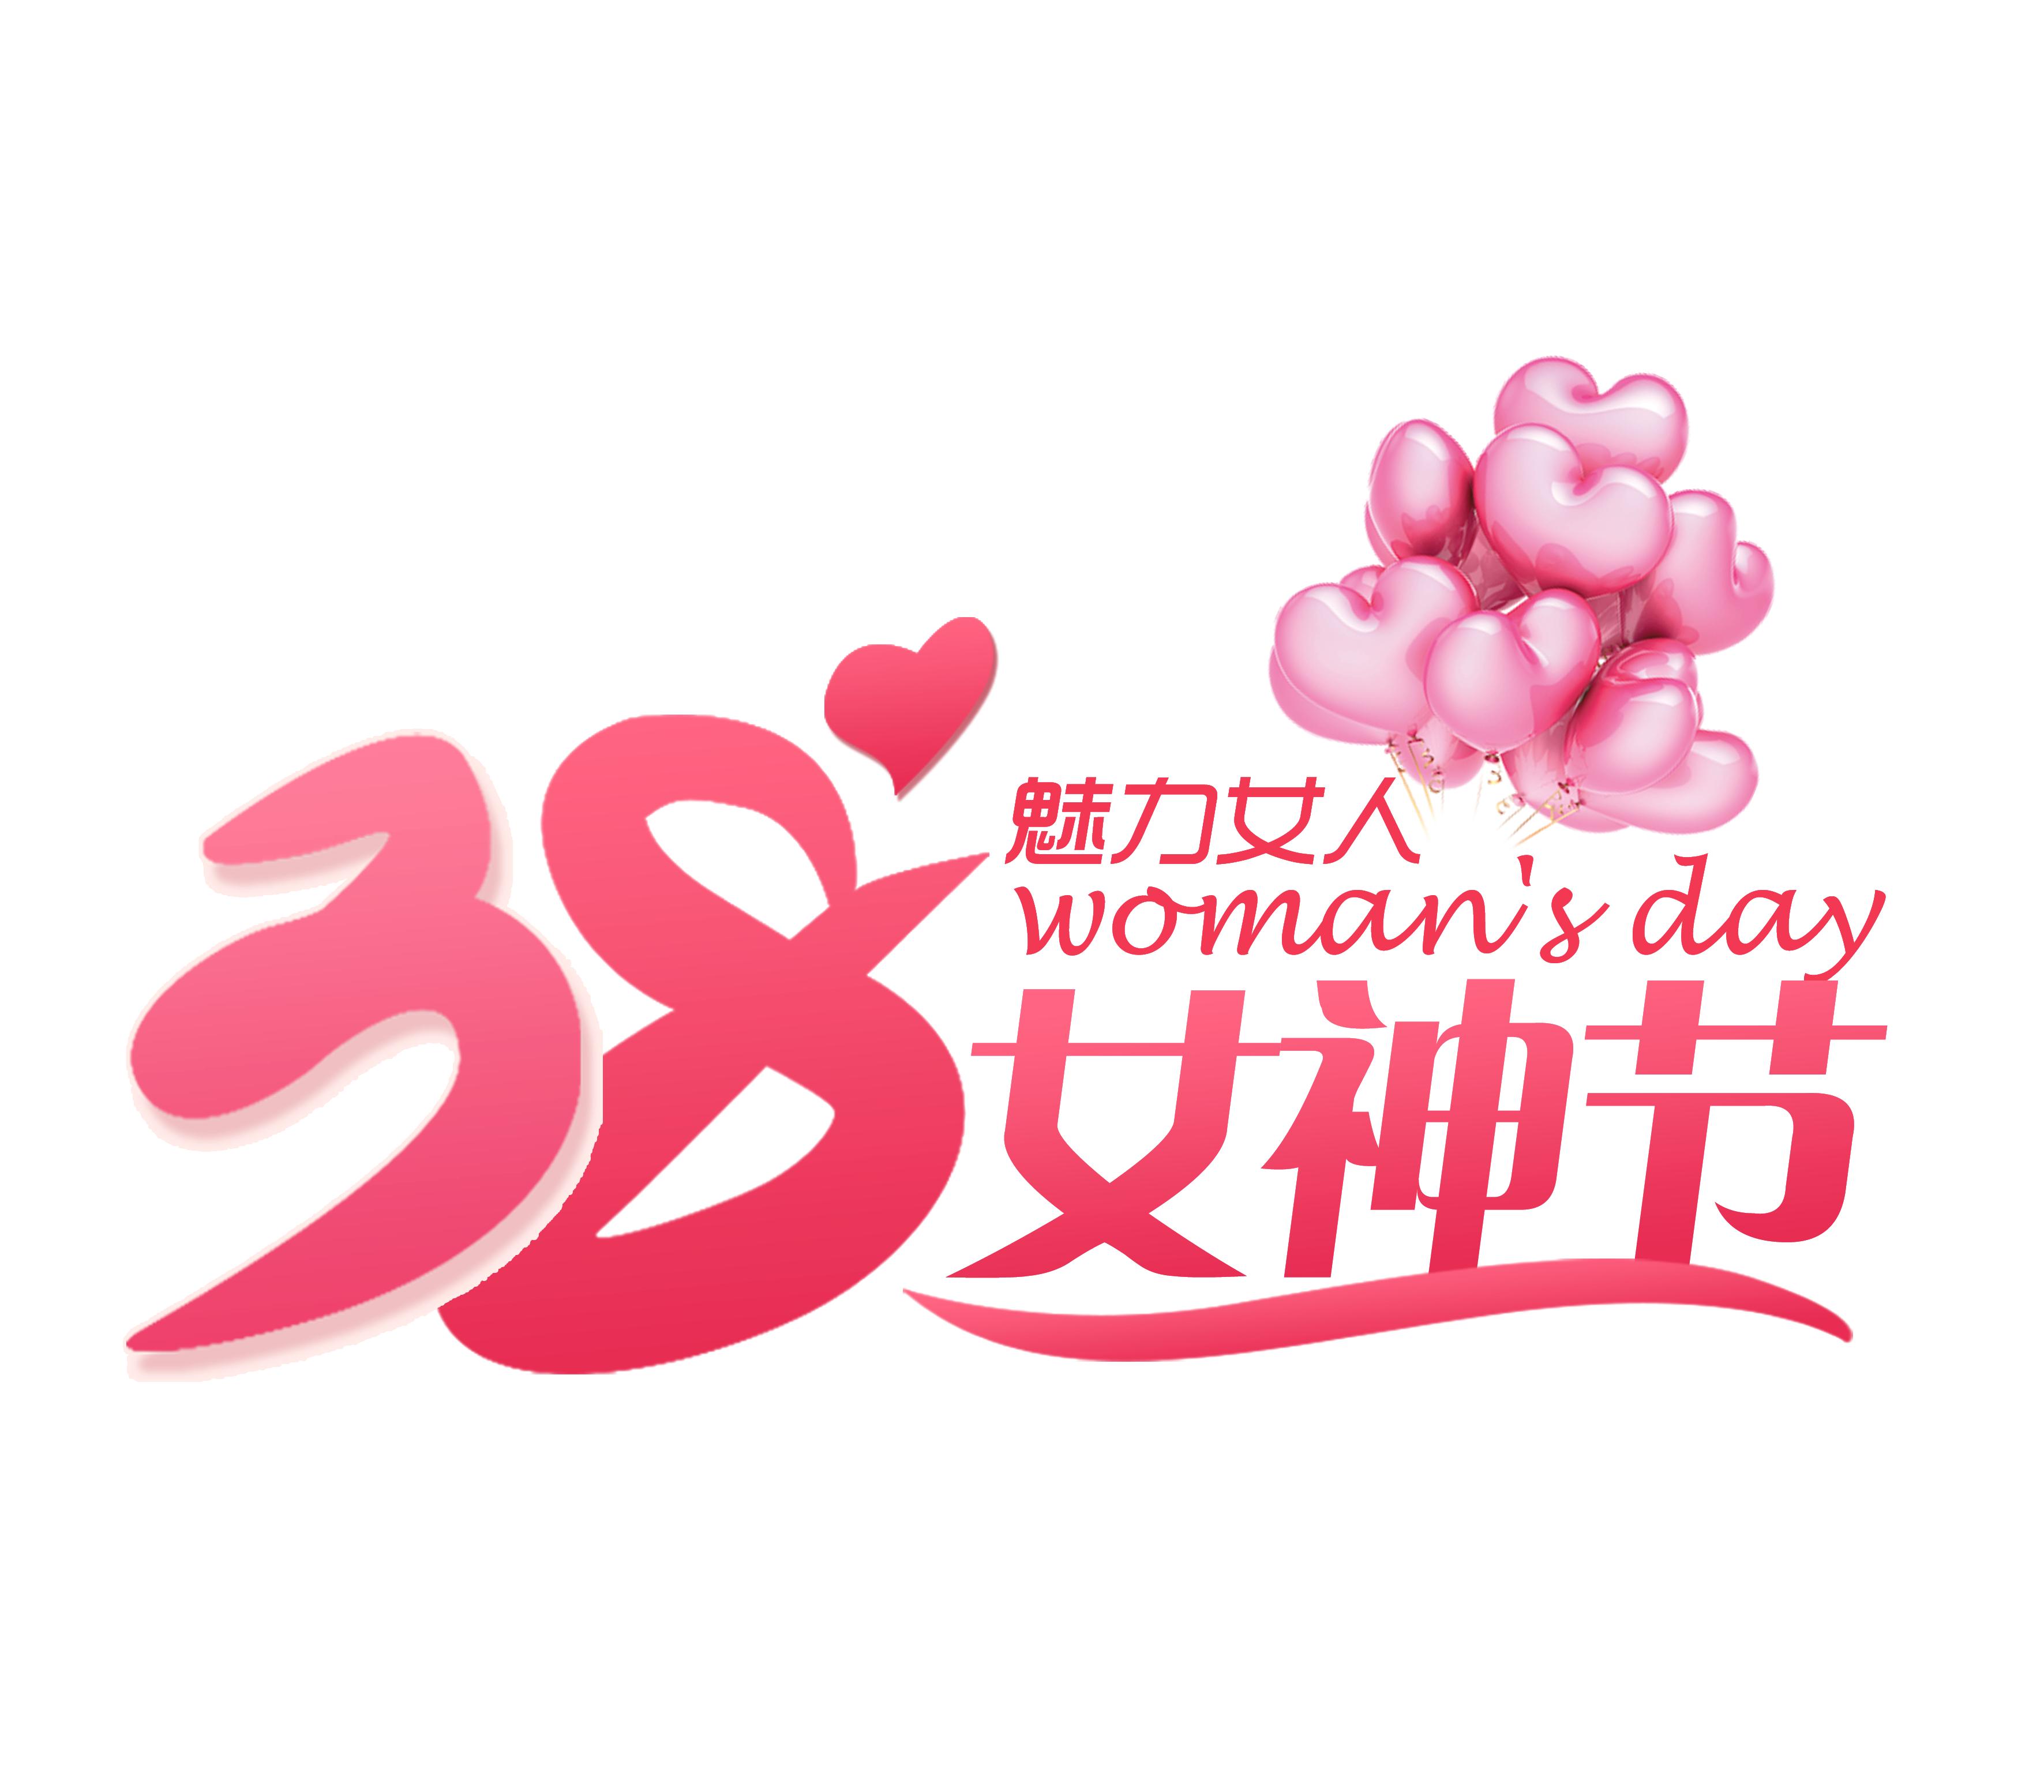 38女神节美丽女人